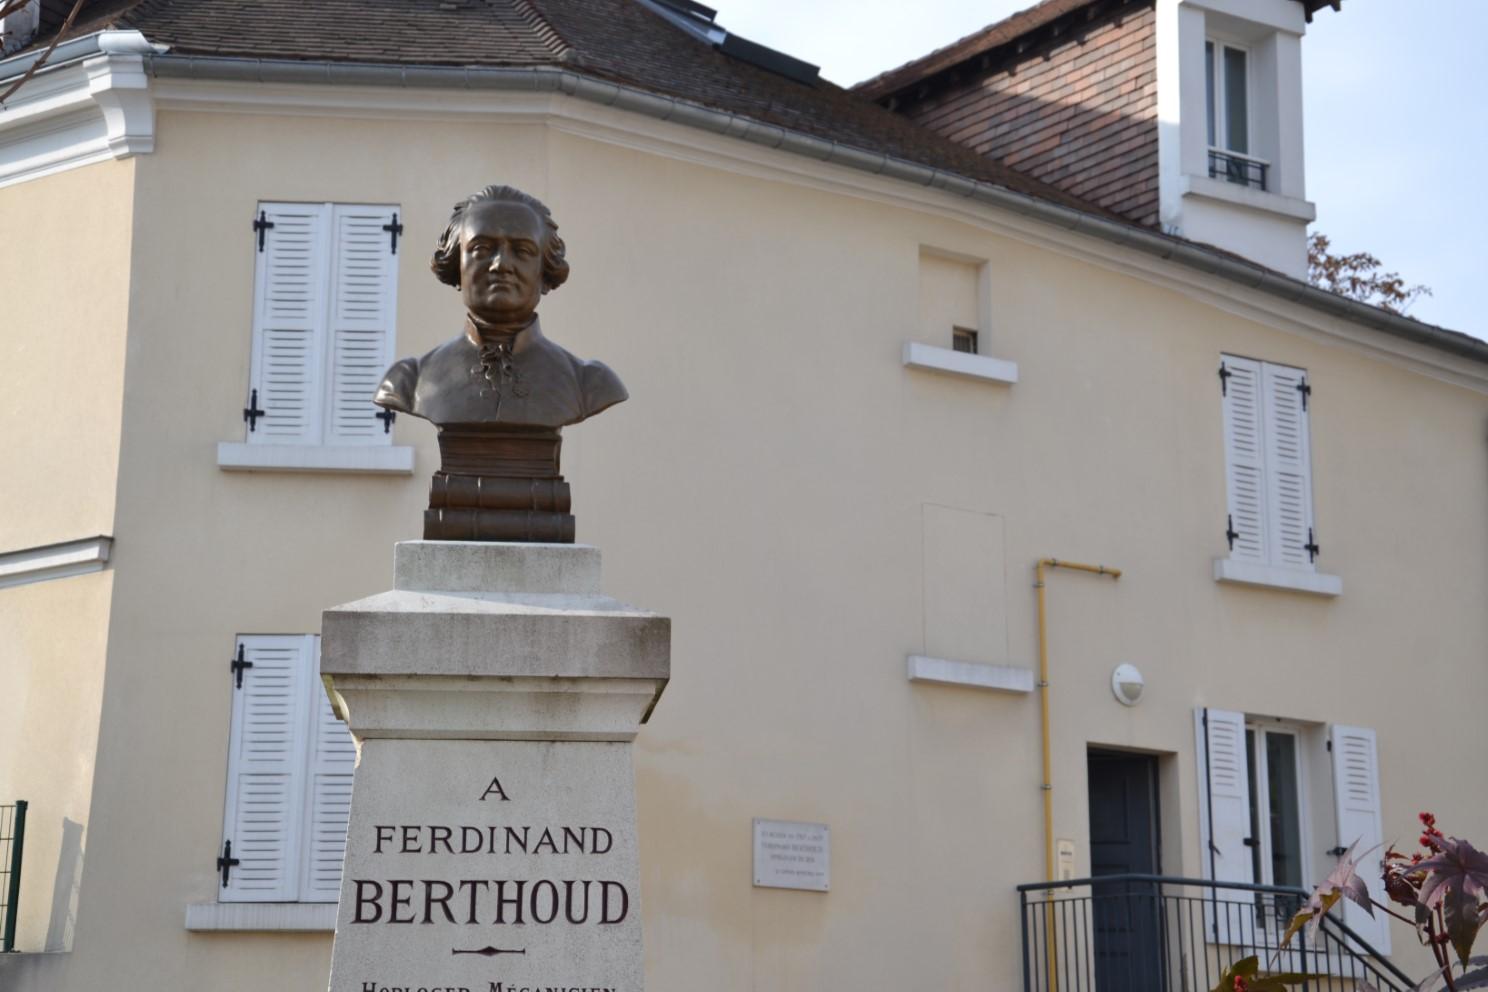 Le buste de Ferdinand Verthoud et sa maison à Groslay